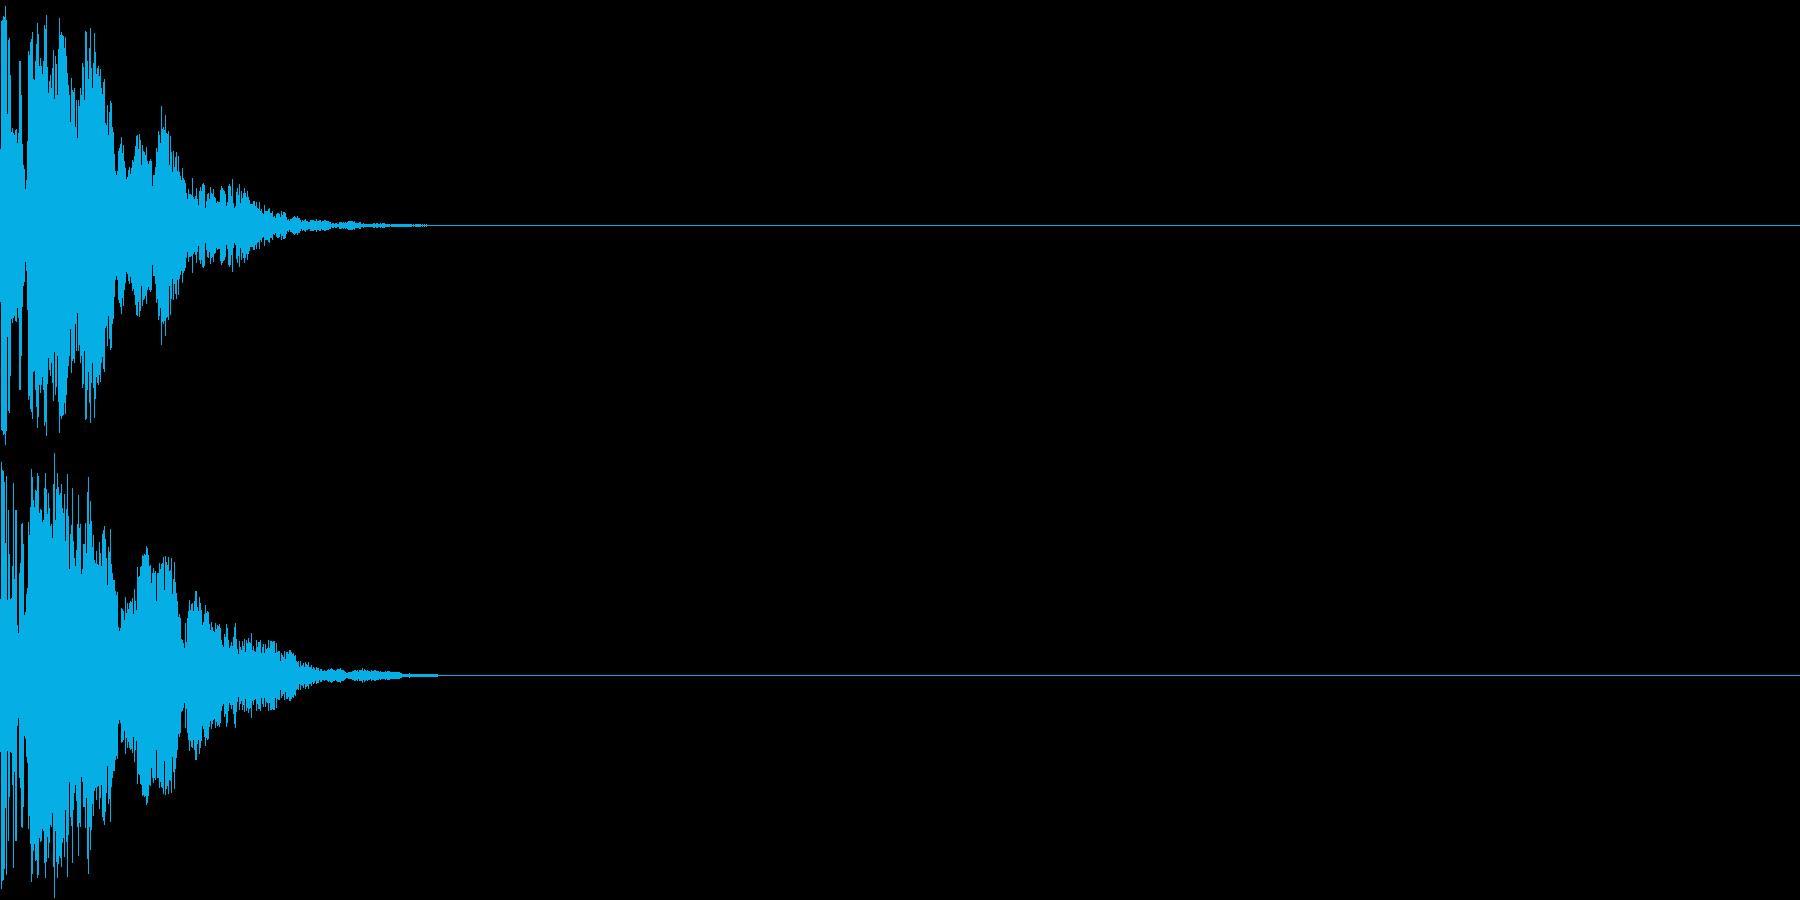 Invader レーザーガン ショット音の再生済みの波形